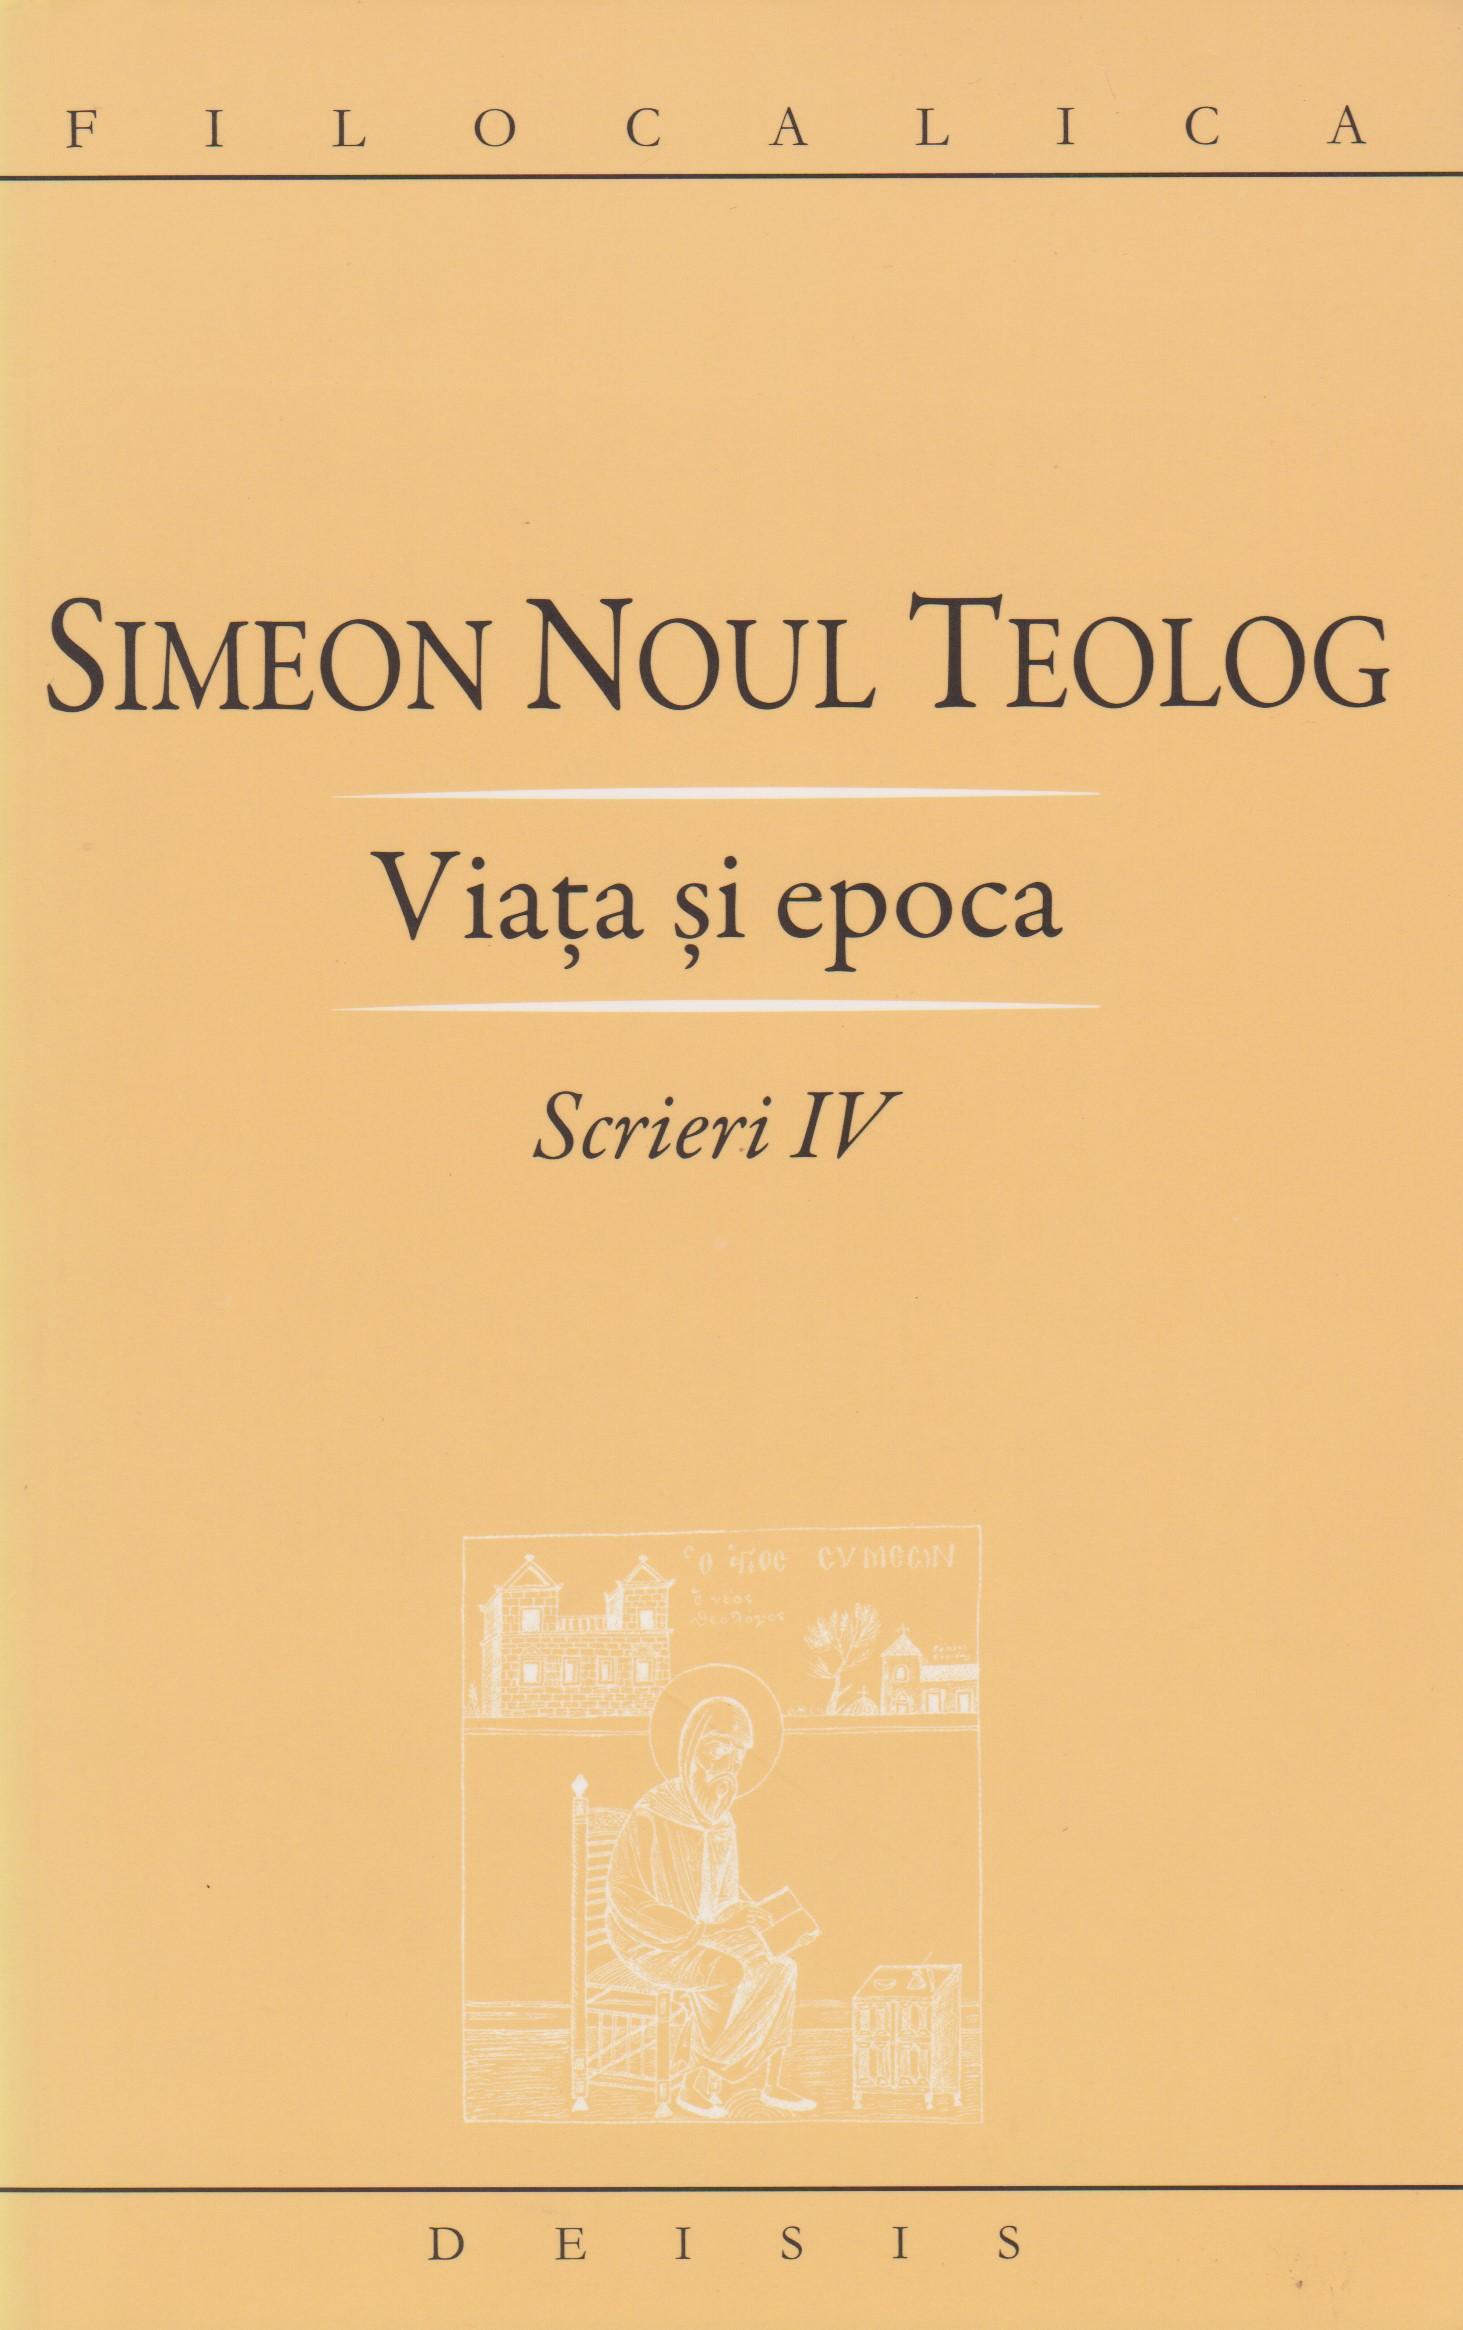 Sfantul Simeon Noul Teolog: Viata si epoca. Scrieri IV